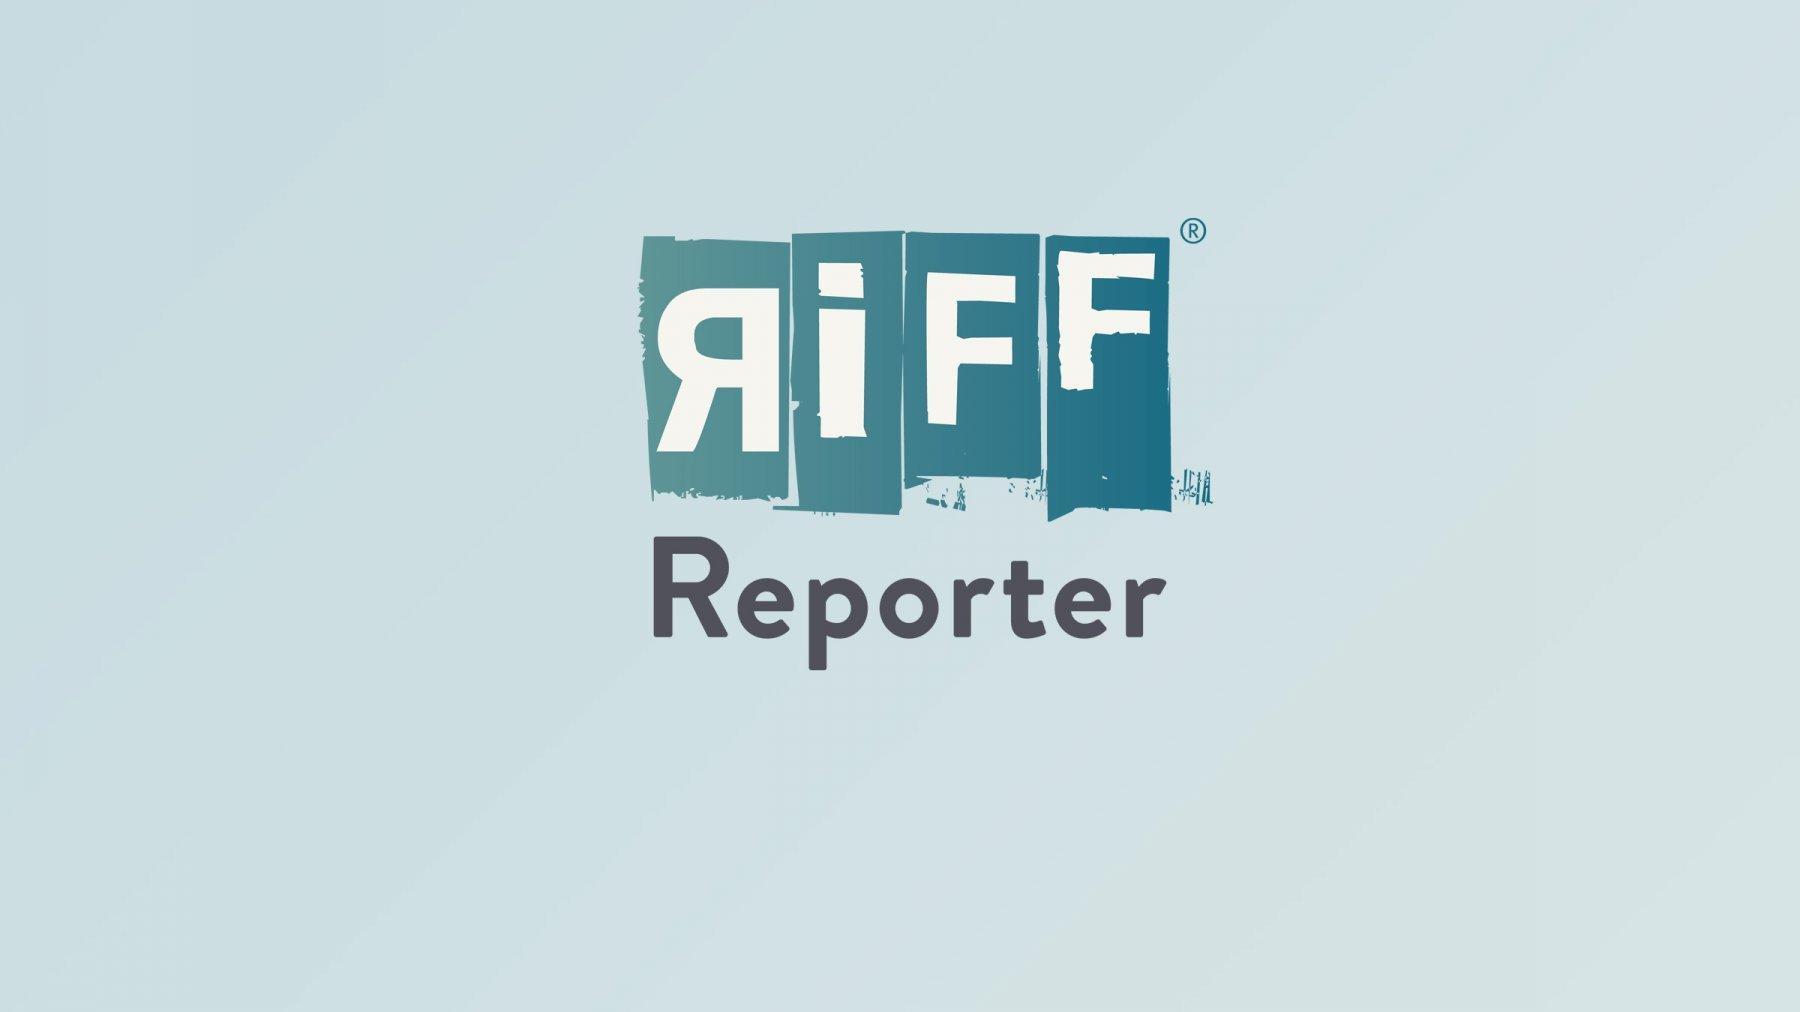 Links im Bild sieht man eine Filmkamera, hinter der unsere Autorin Ramona Seitz auf einem kleinen Hocker sitzt. Ihr Blick geht zu ihrem Interviewpartner Jude Thadaeus Ruwa'ichi, dem damaligen katholischen Erzbischof von Mwanza, Tansania, der ca. zehn Meter entfernt (im rechten Teil des Bildes) unter einem Baum sitzt. Er trägt ein weißes priesterliches Gewand. Ganz rechts im Bild steht mit dem Rücken zum Betrachter eine Frau, die für das Interview das an einer Stange befestigte Mikro hält.